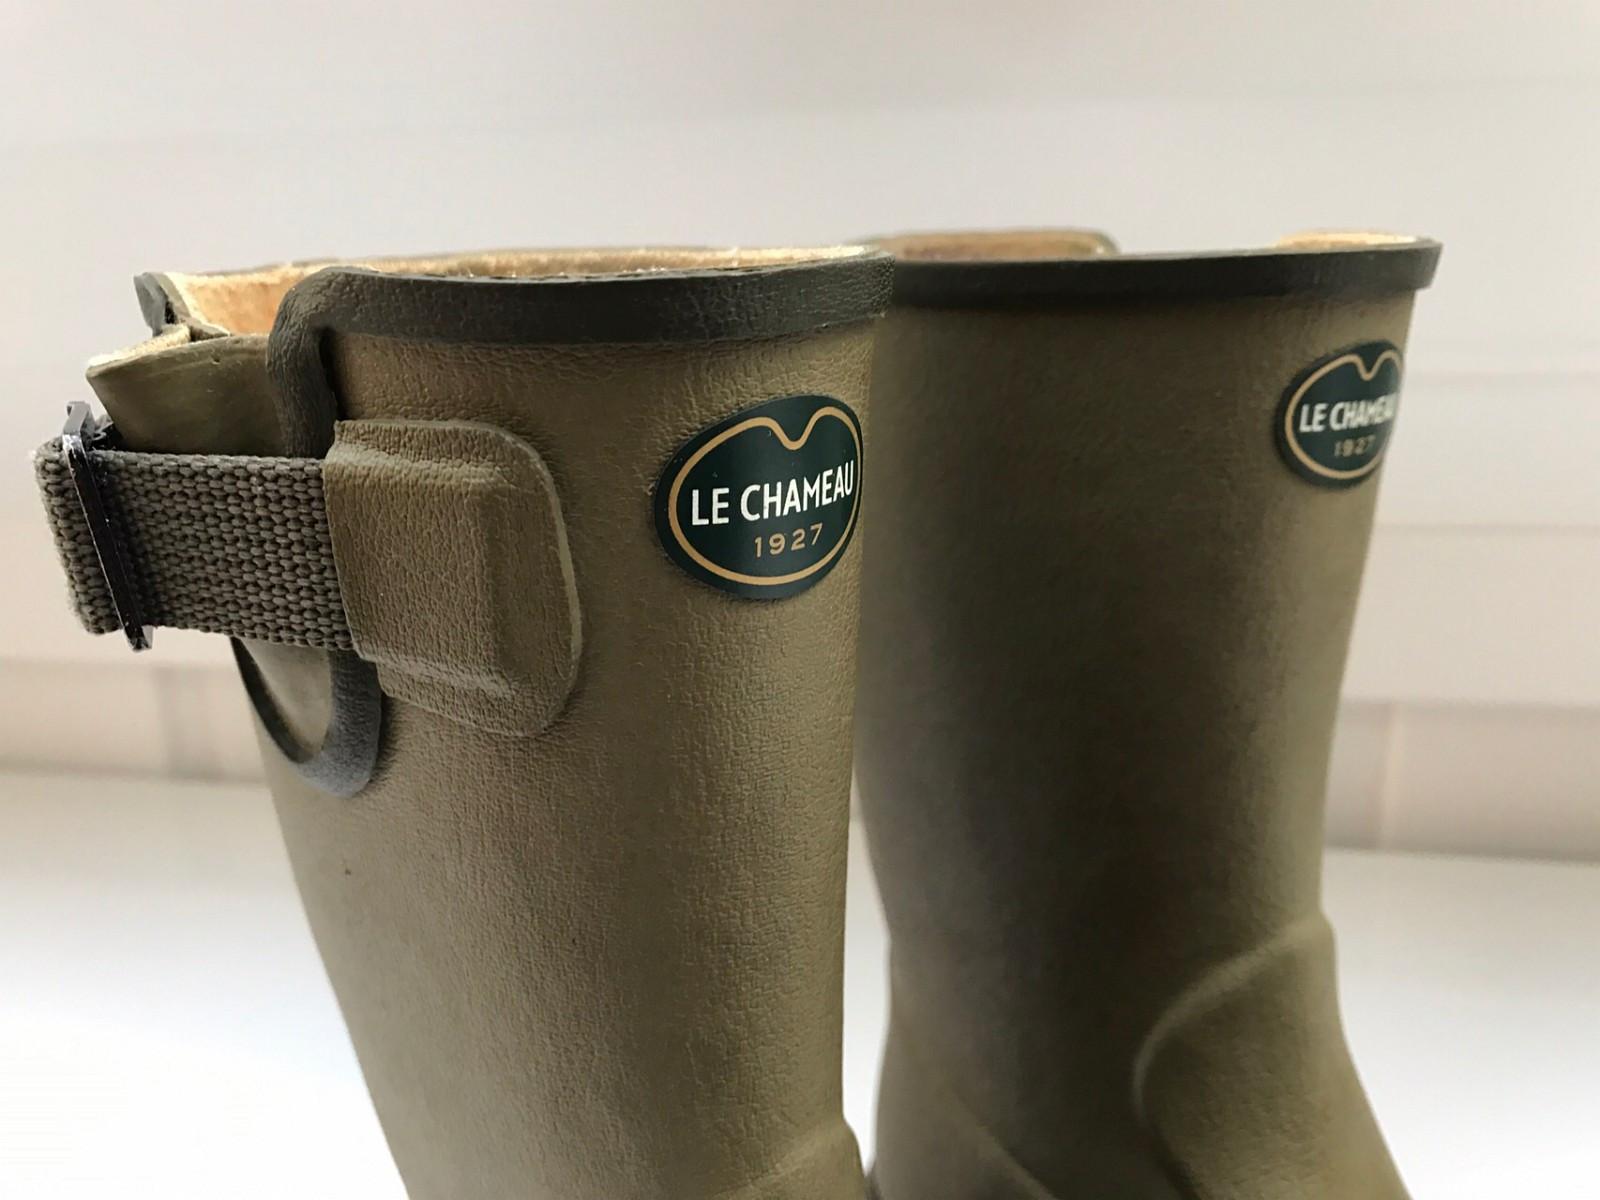 Le chameau gummistøvler | FINN.no